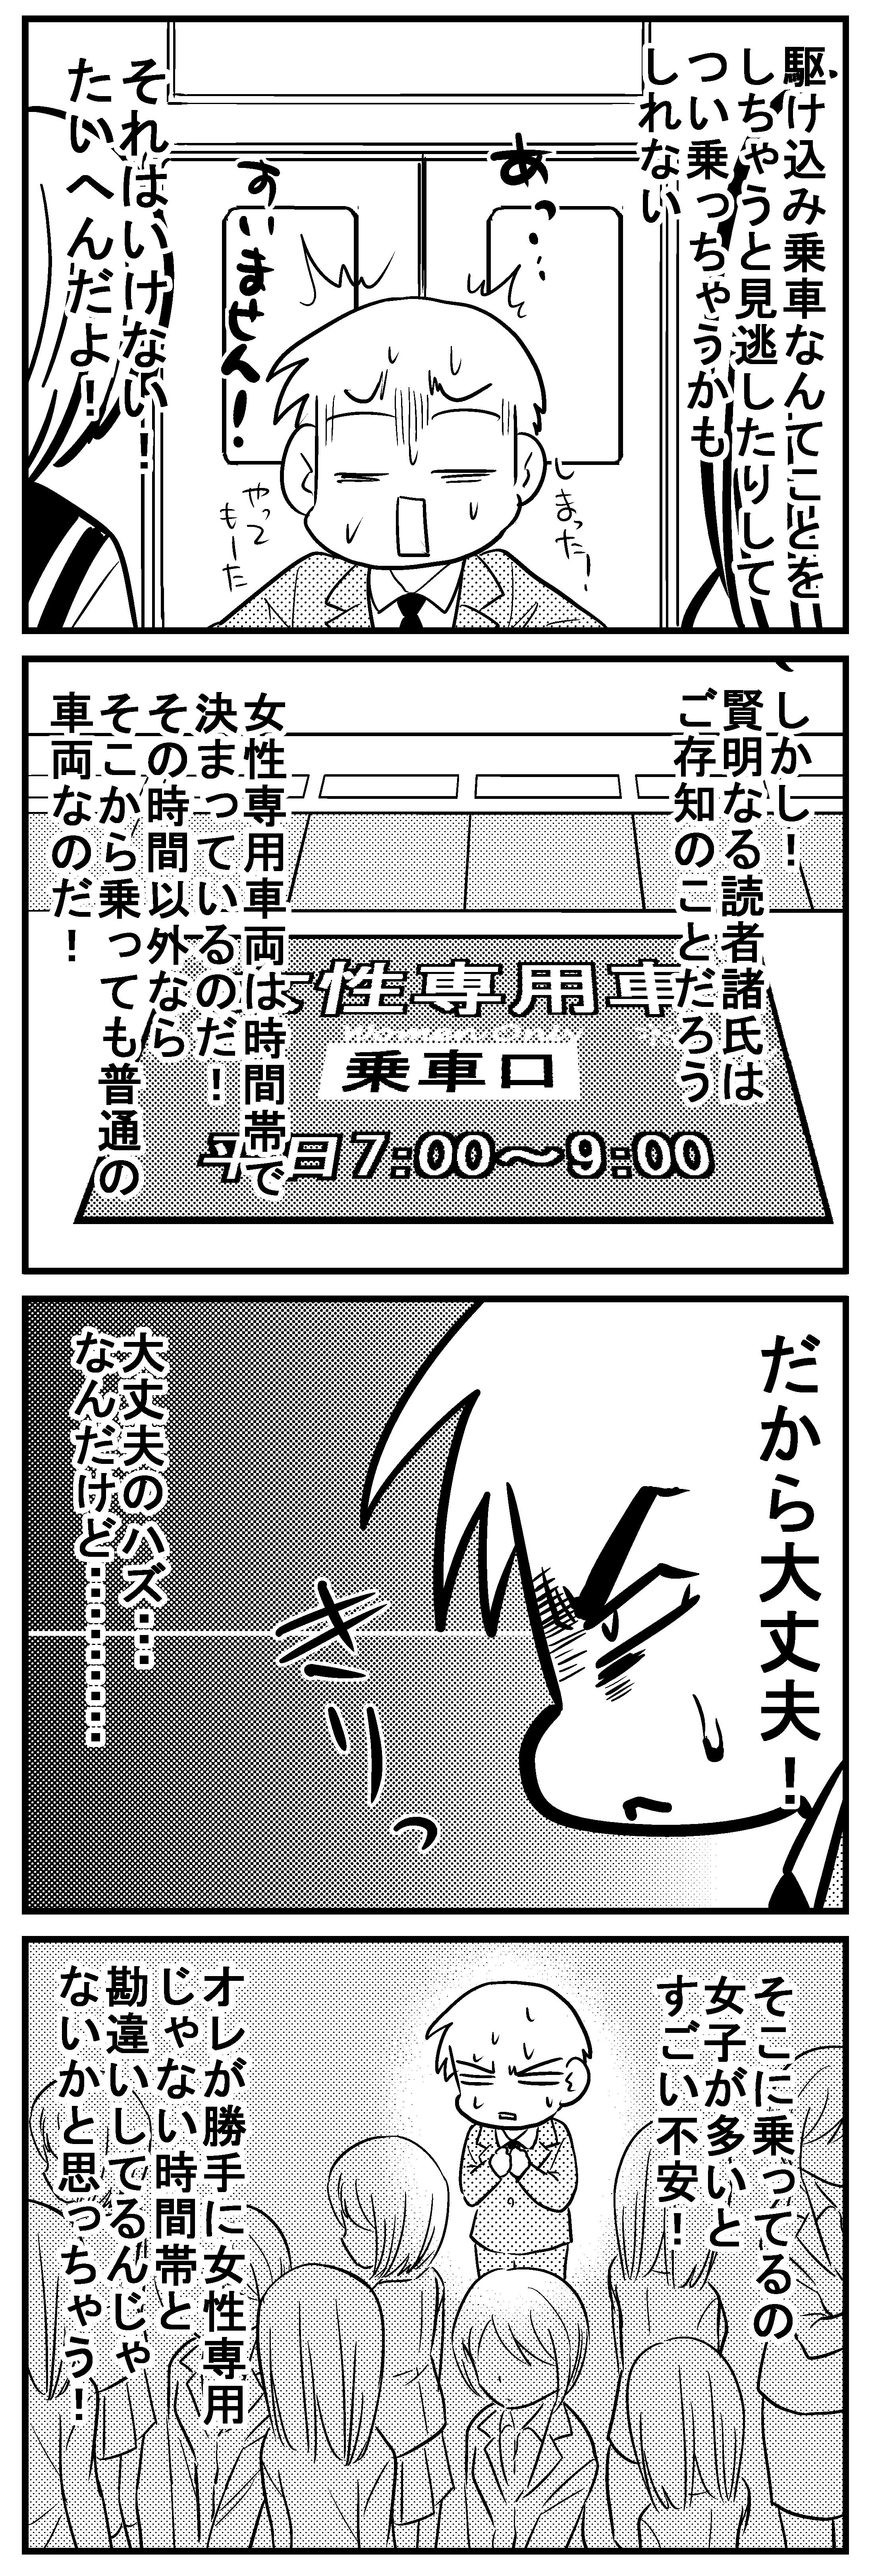 深読みくん45-3